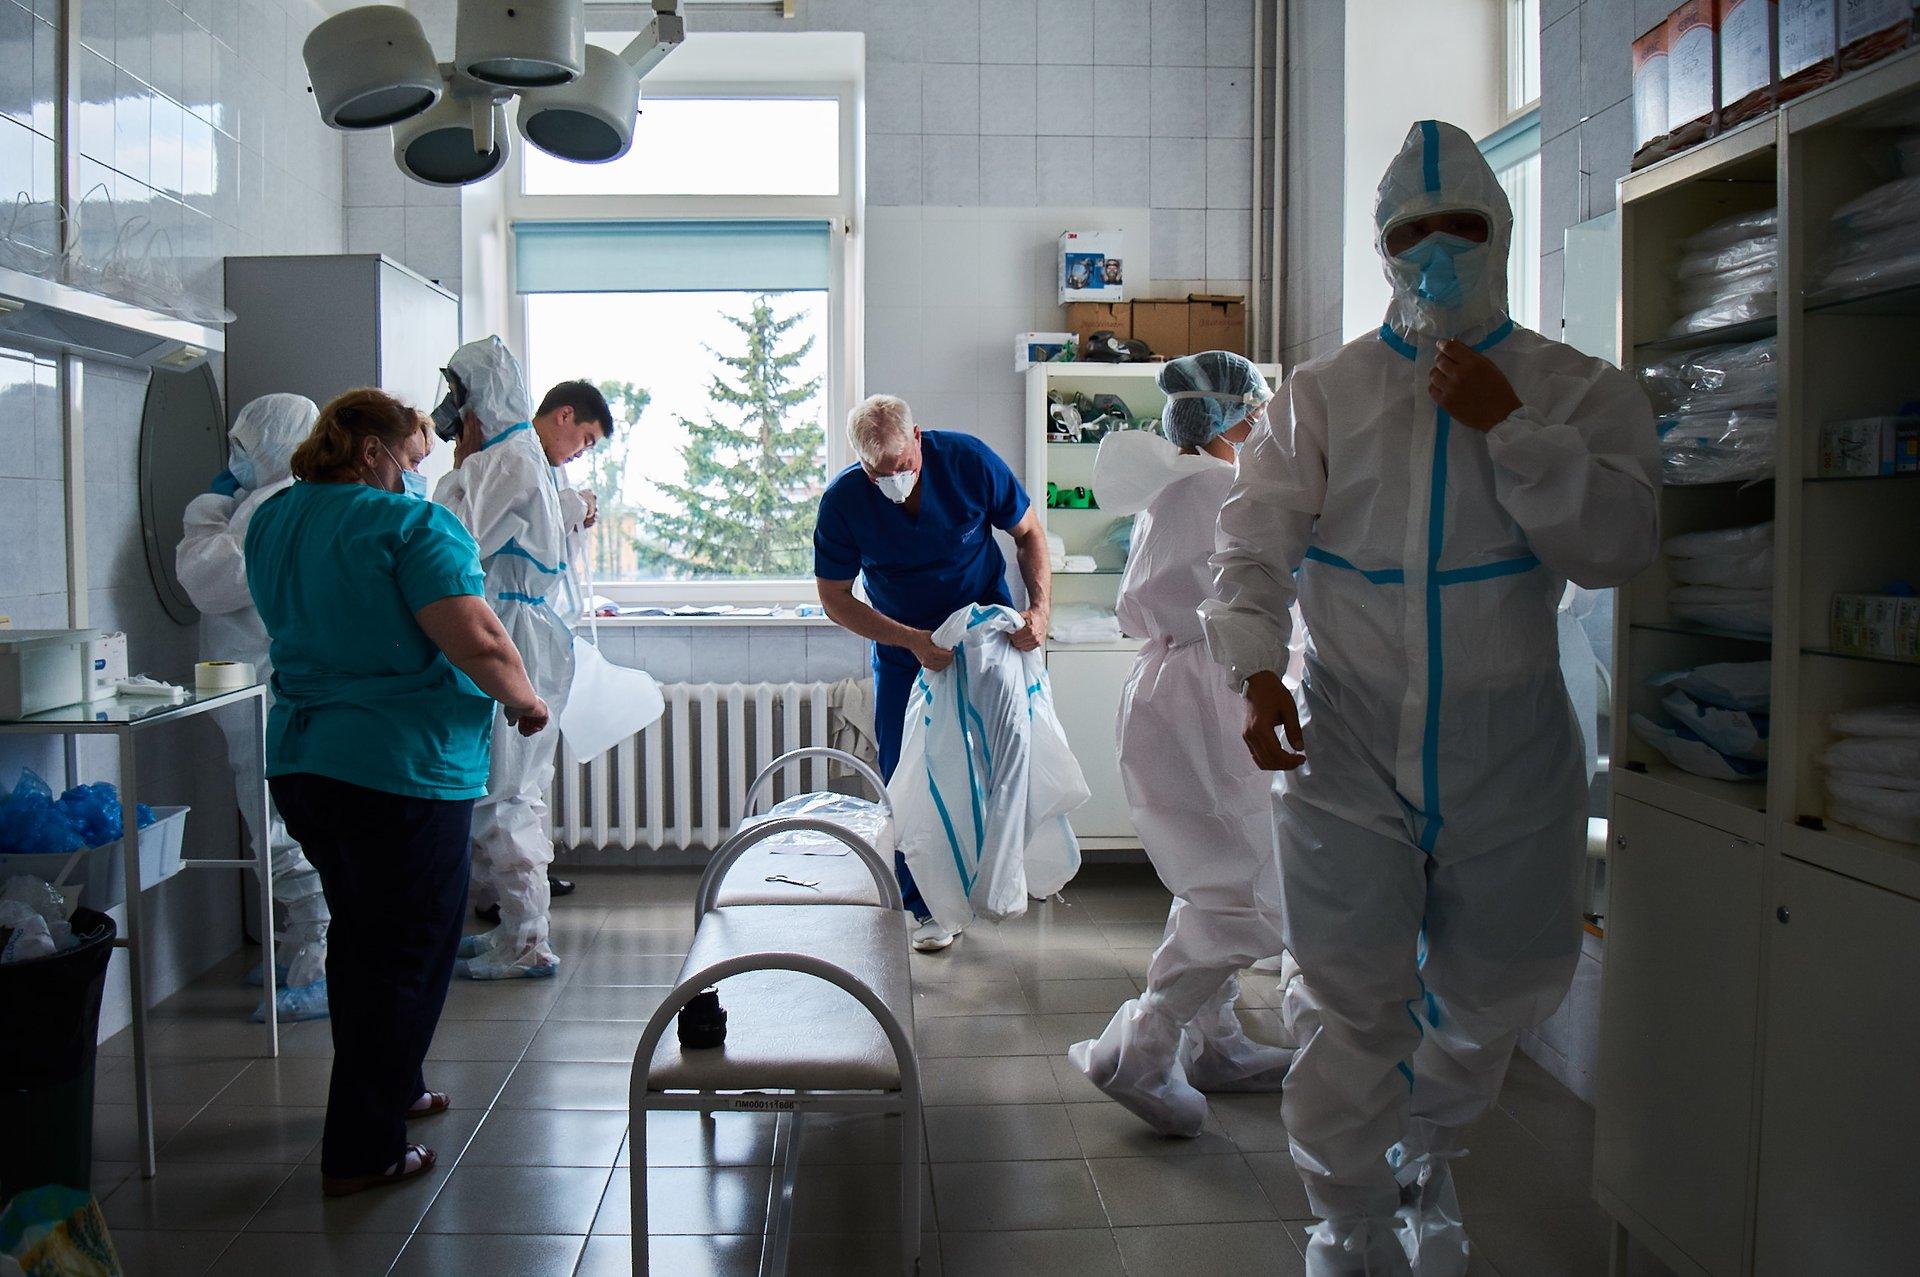 За ночь в отделение могут поступить до 18 пациентов